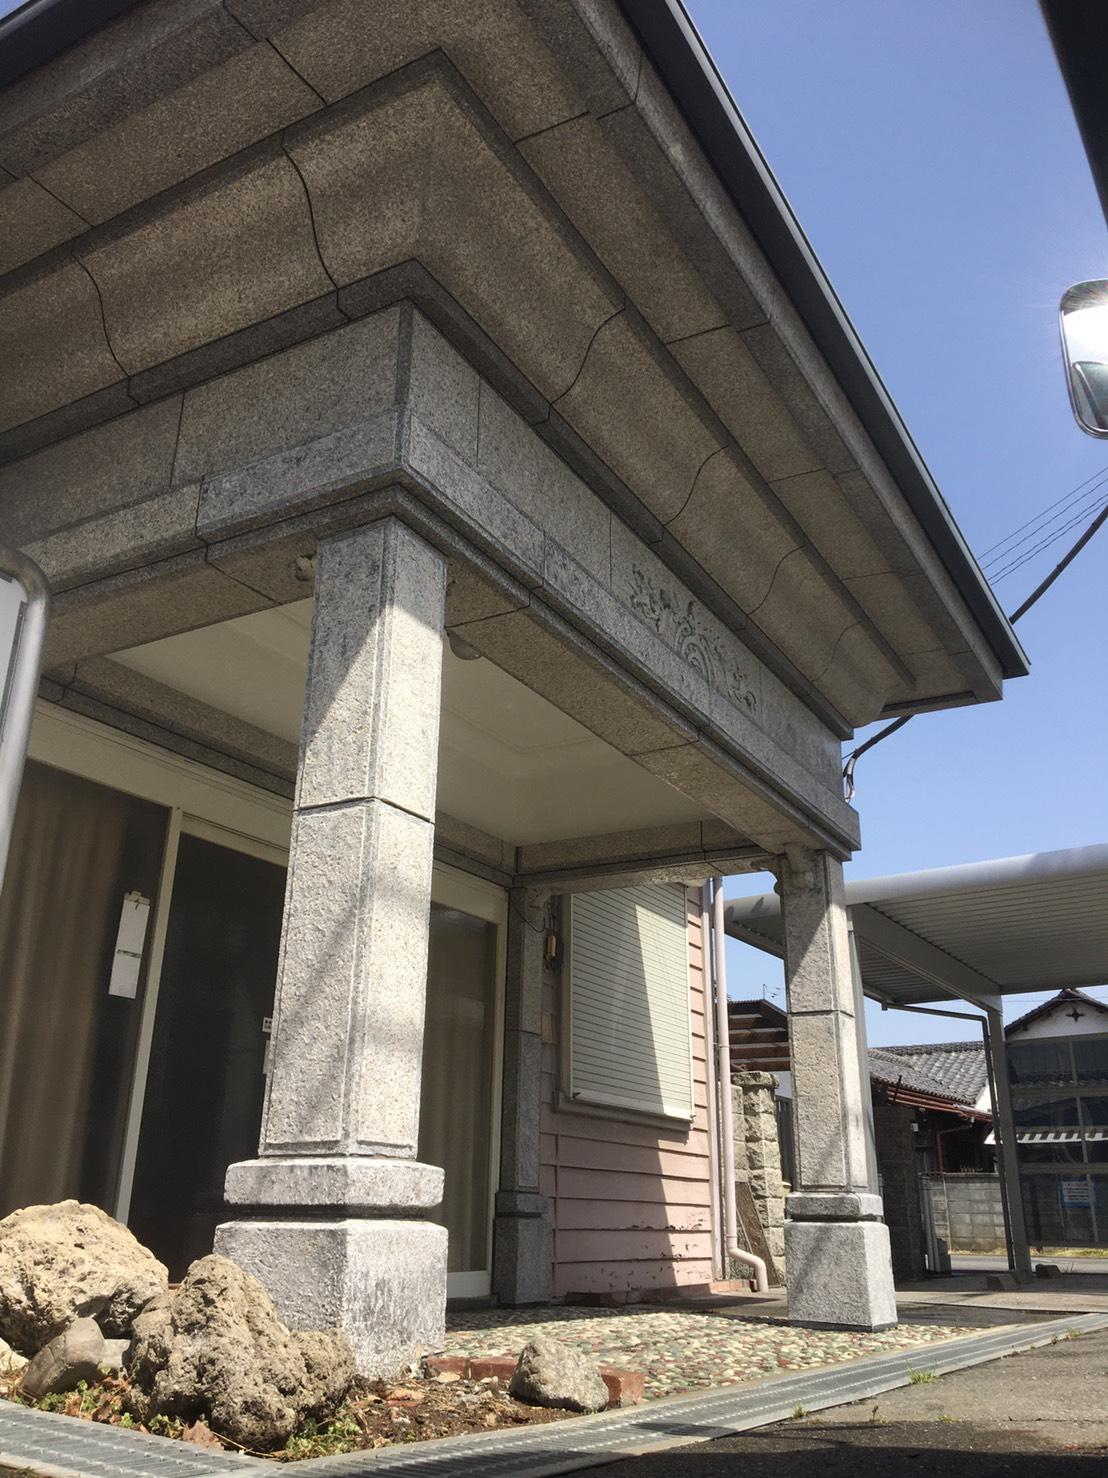 【建物の保存・維持】